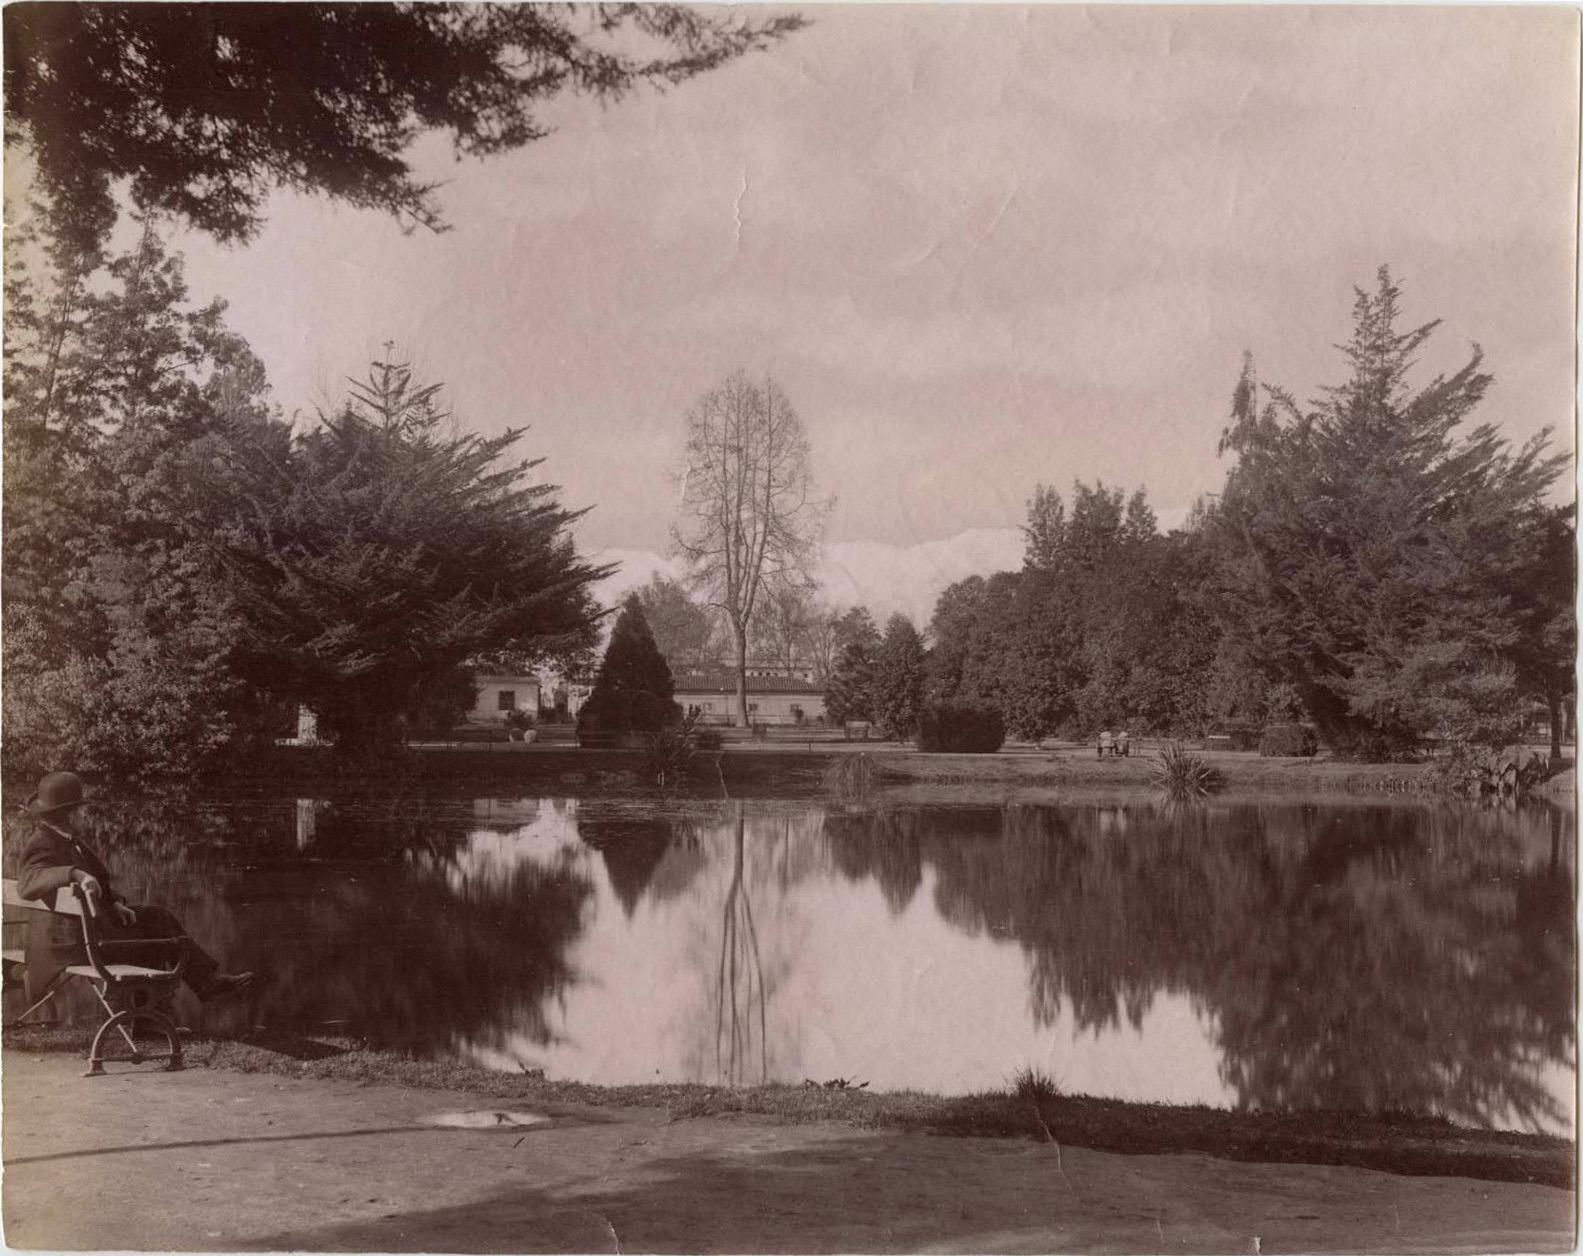 Enterreno - Fotos históricas de chile - fotos antiguas de Chile - Quinta Normal de Santiago, 1890